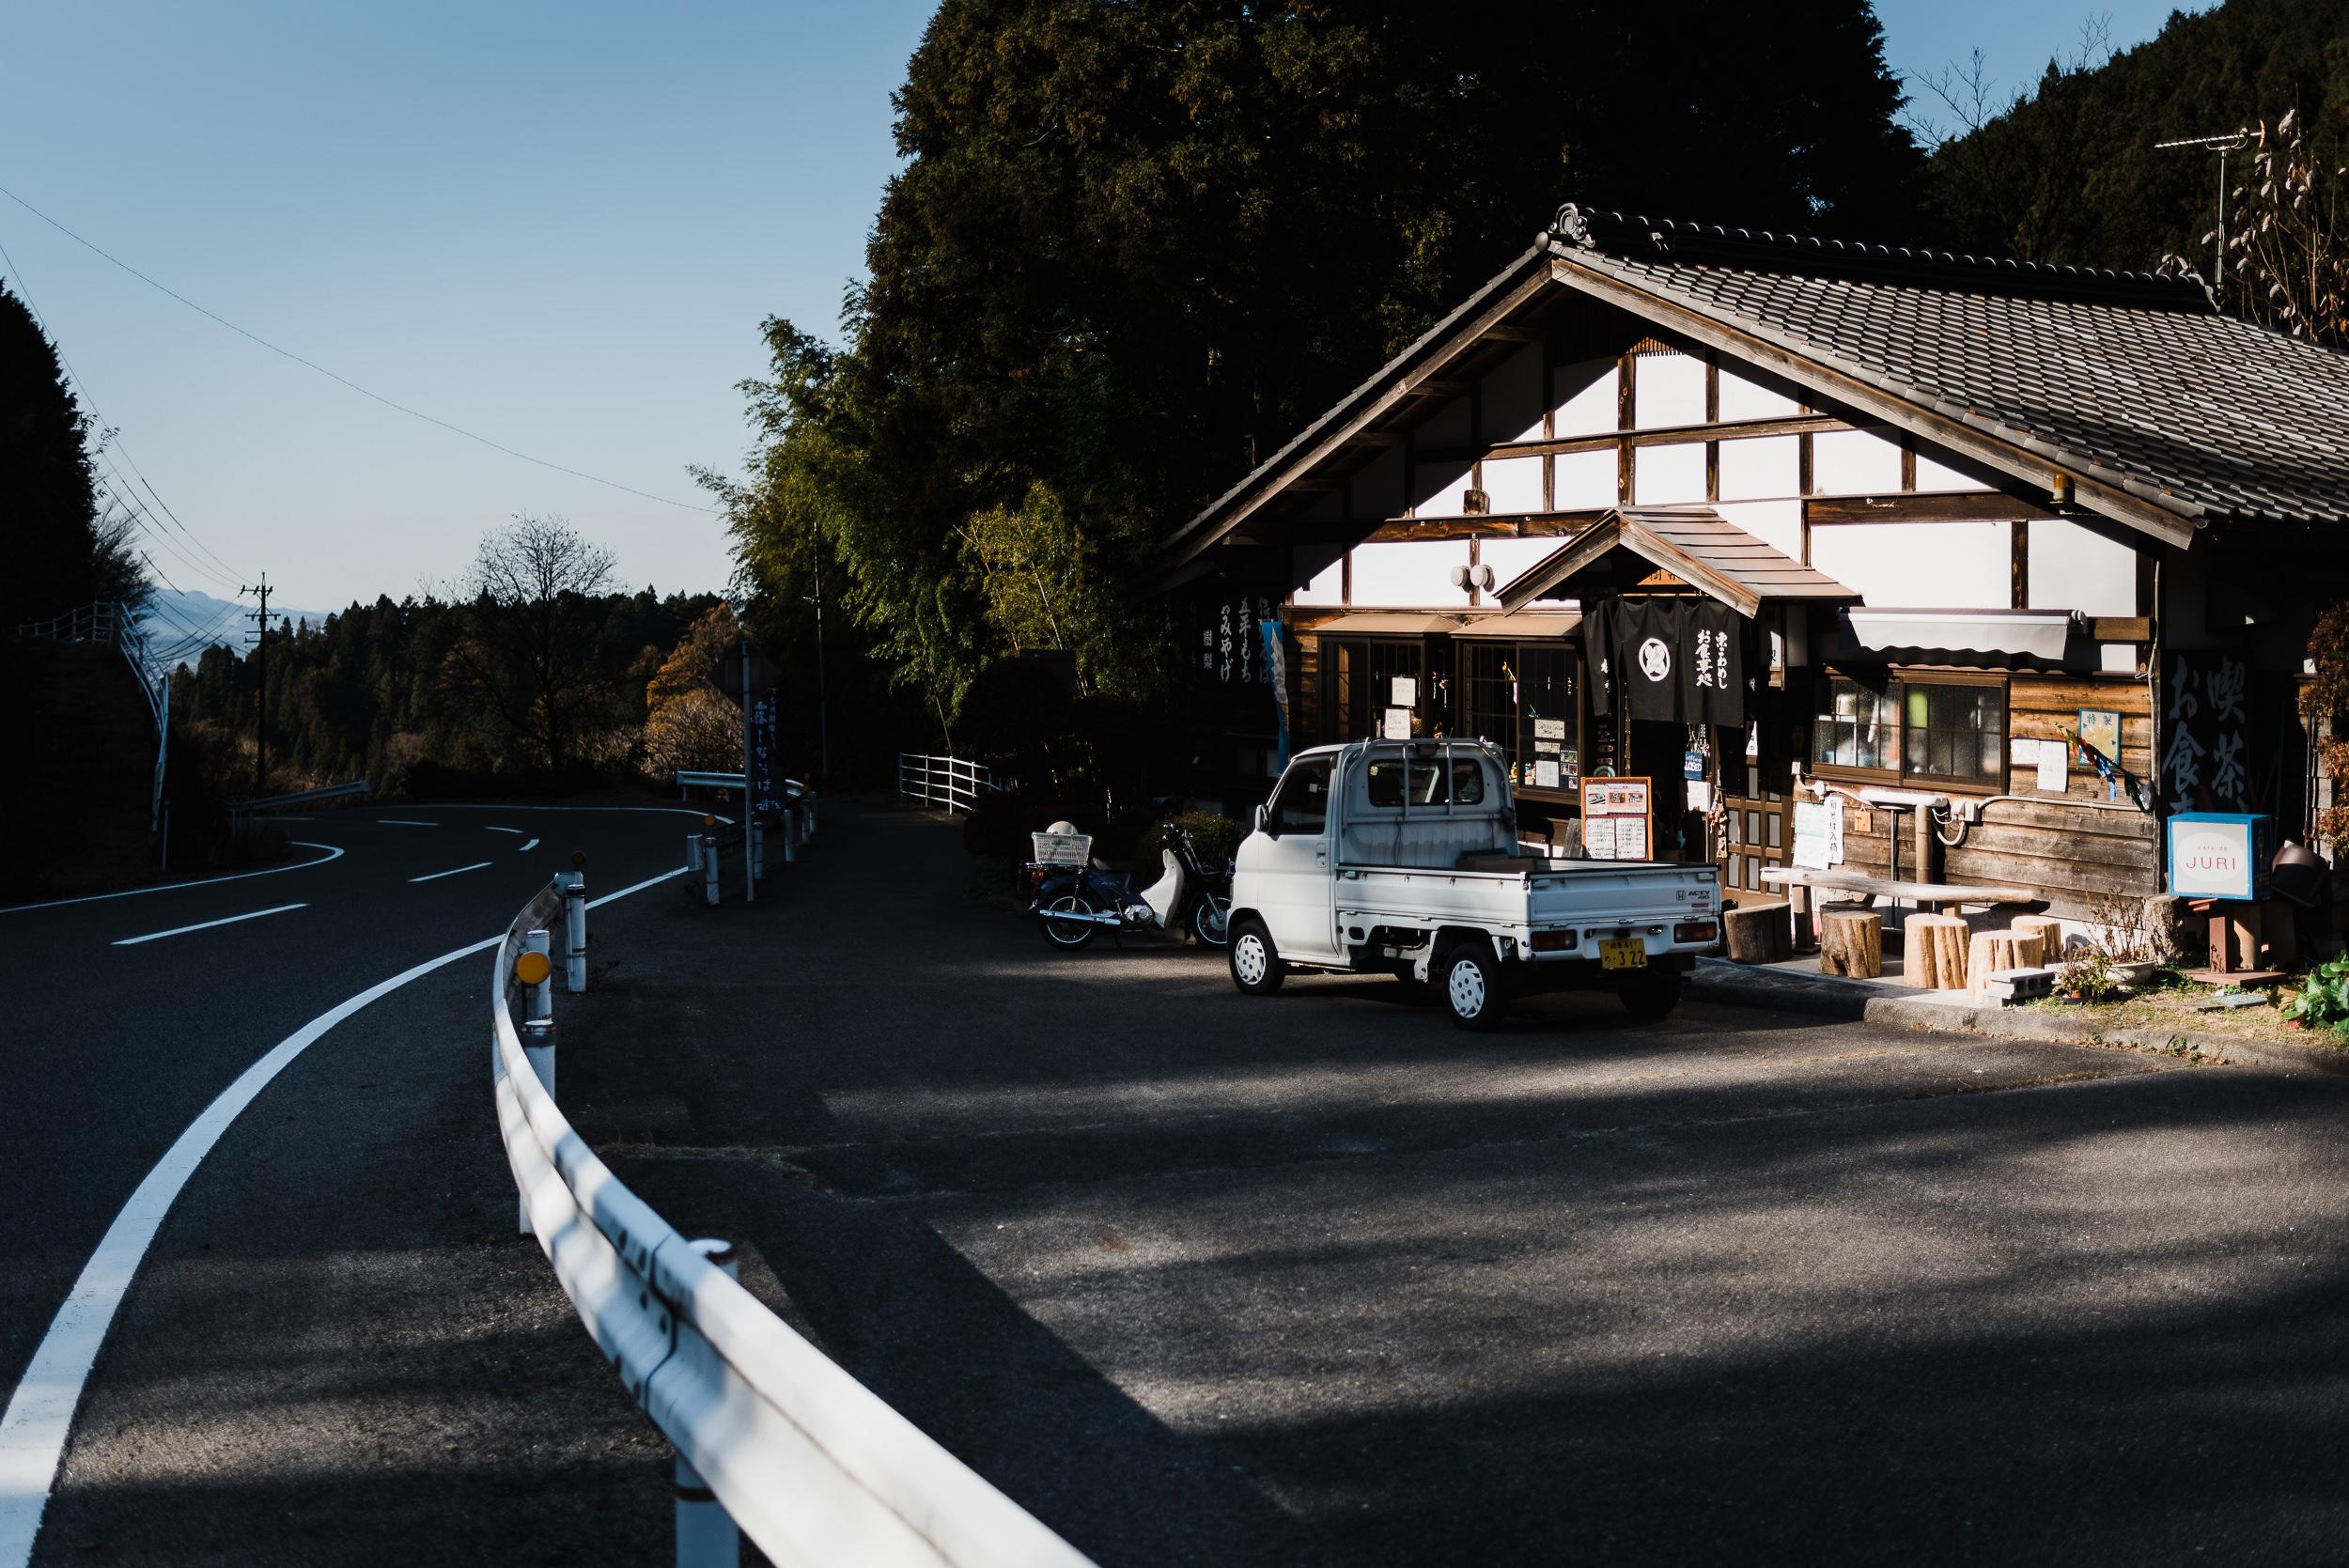 Between Magome-juku and Tsumago